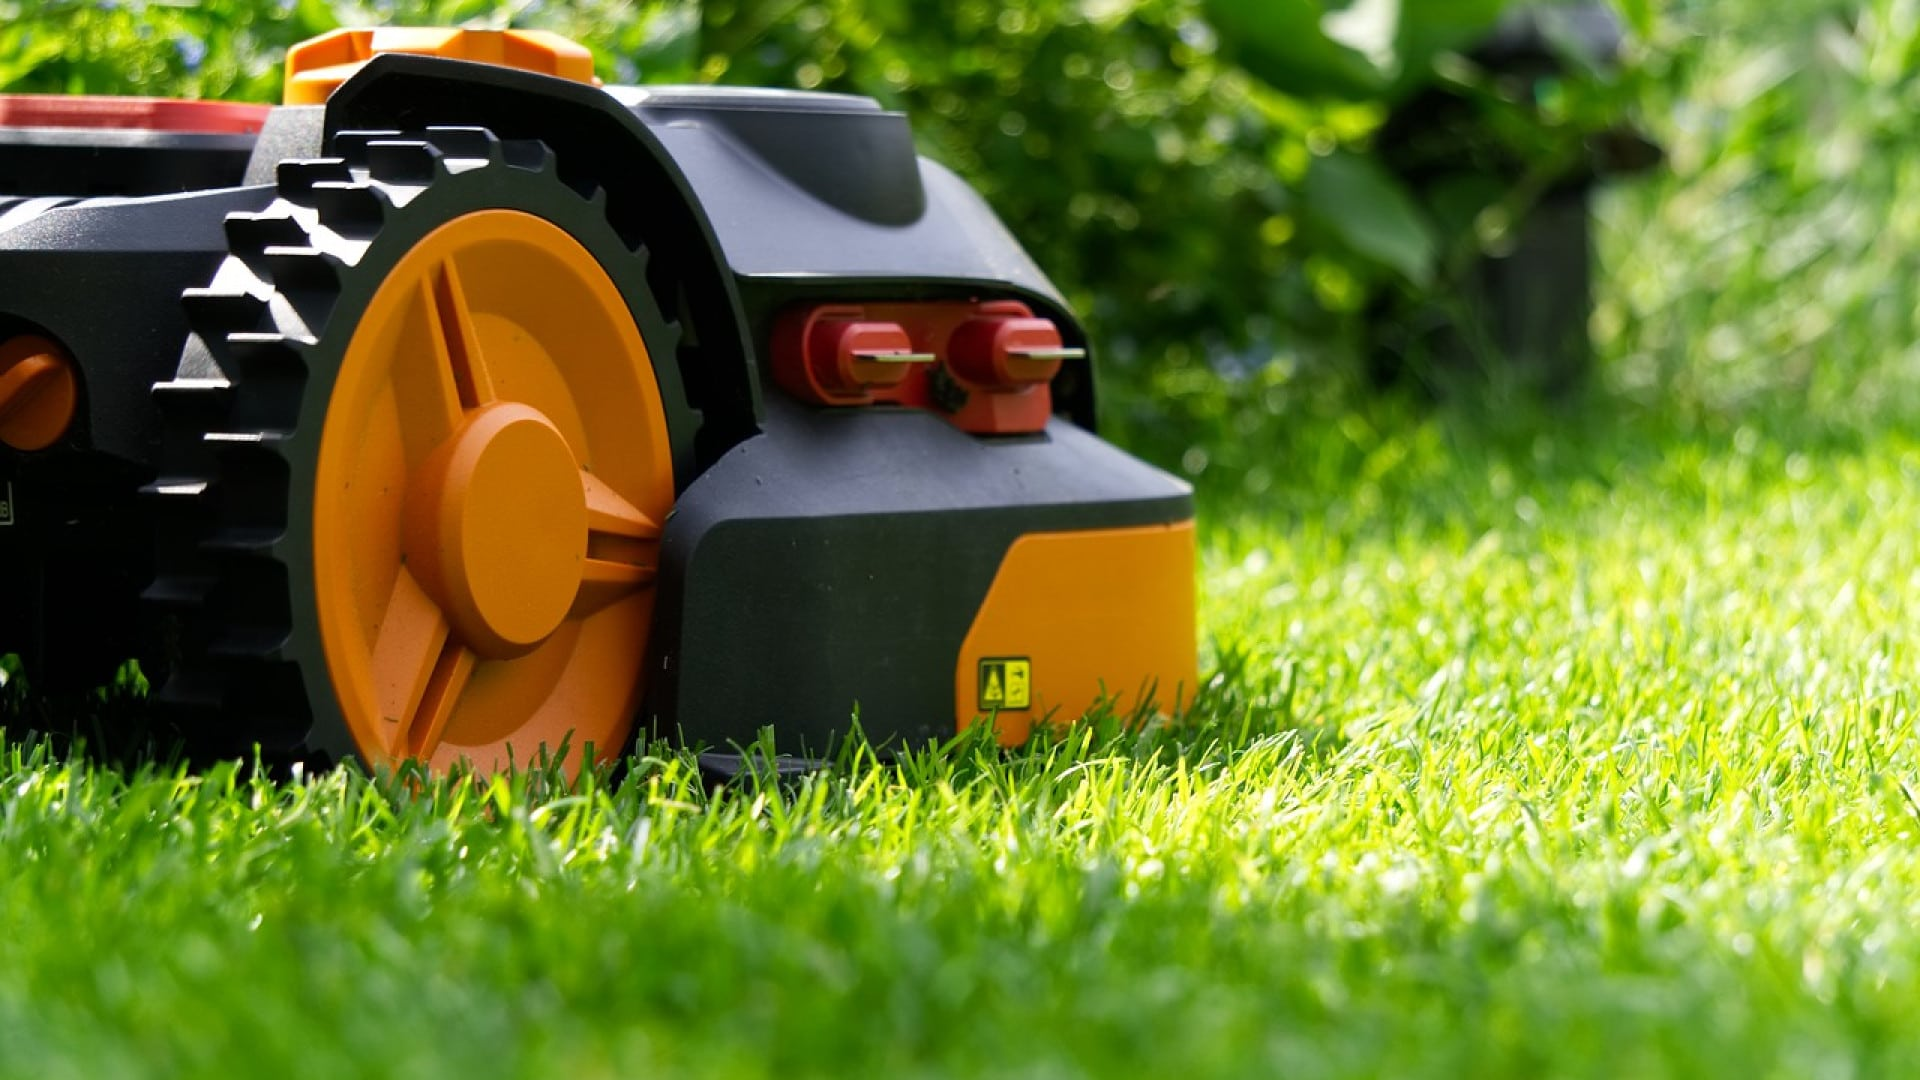 Acheter un robot pour la maison et le jardin !